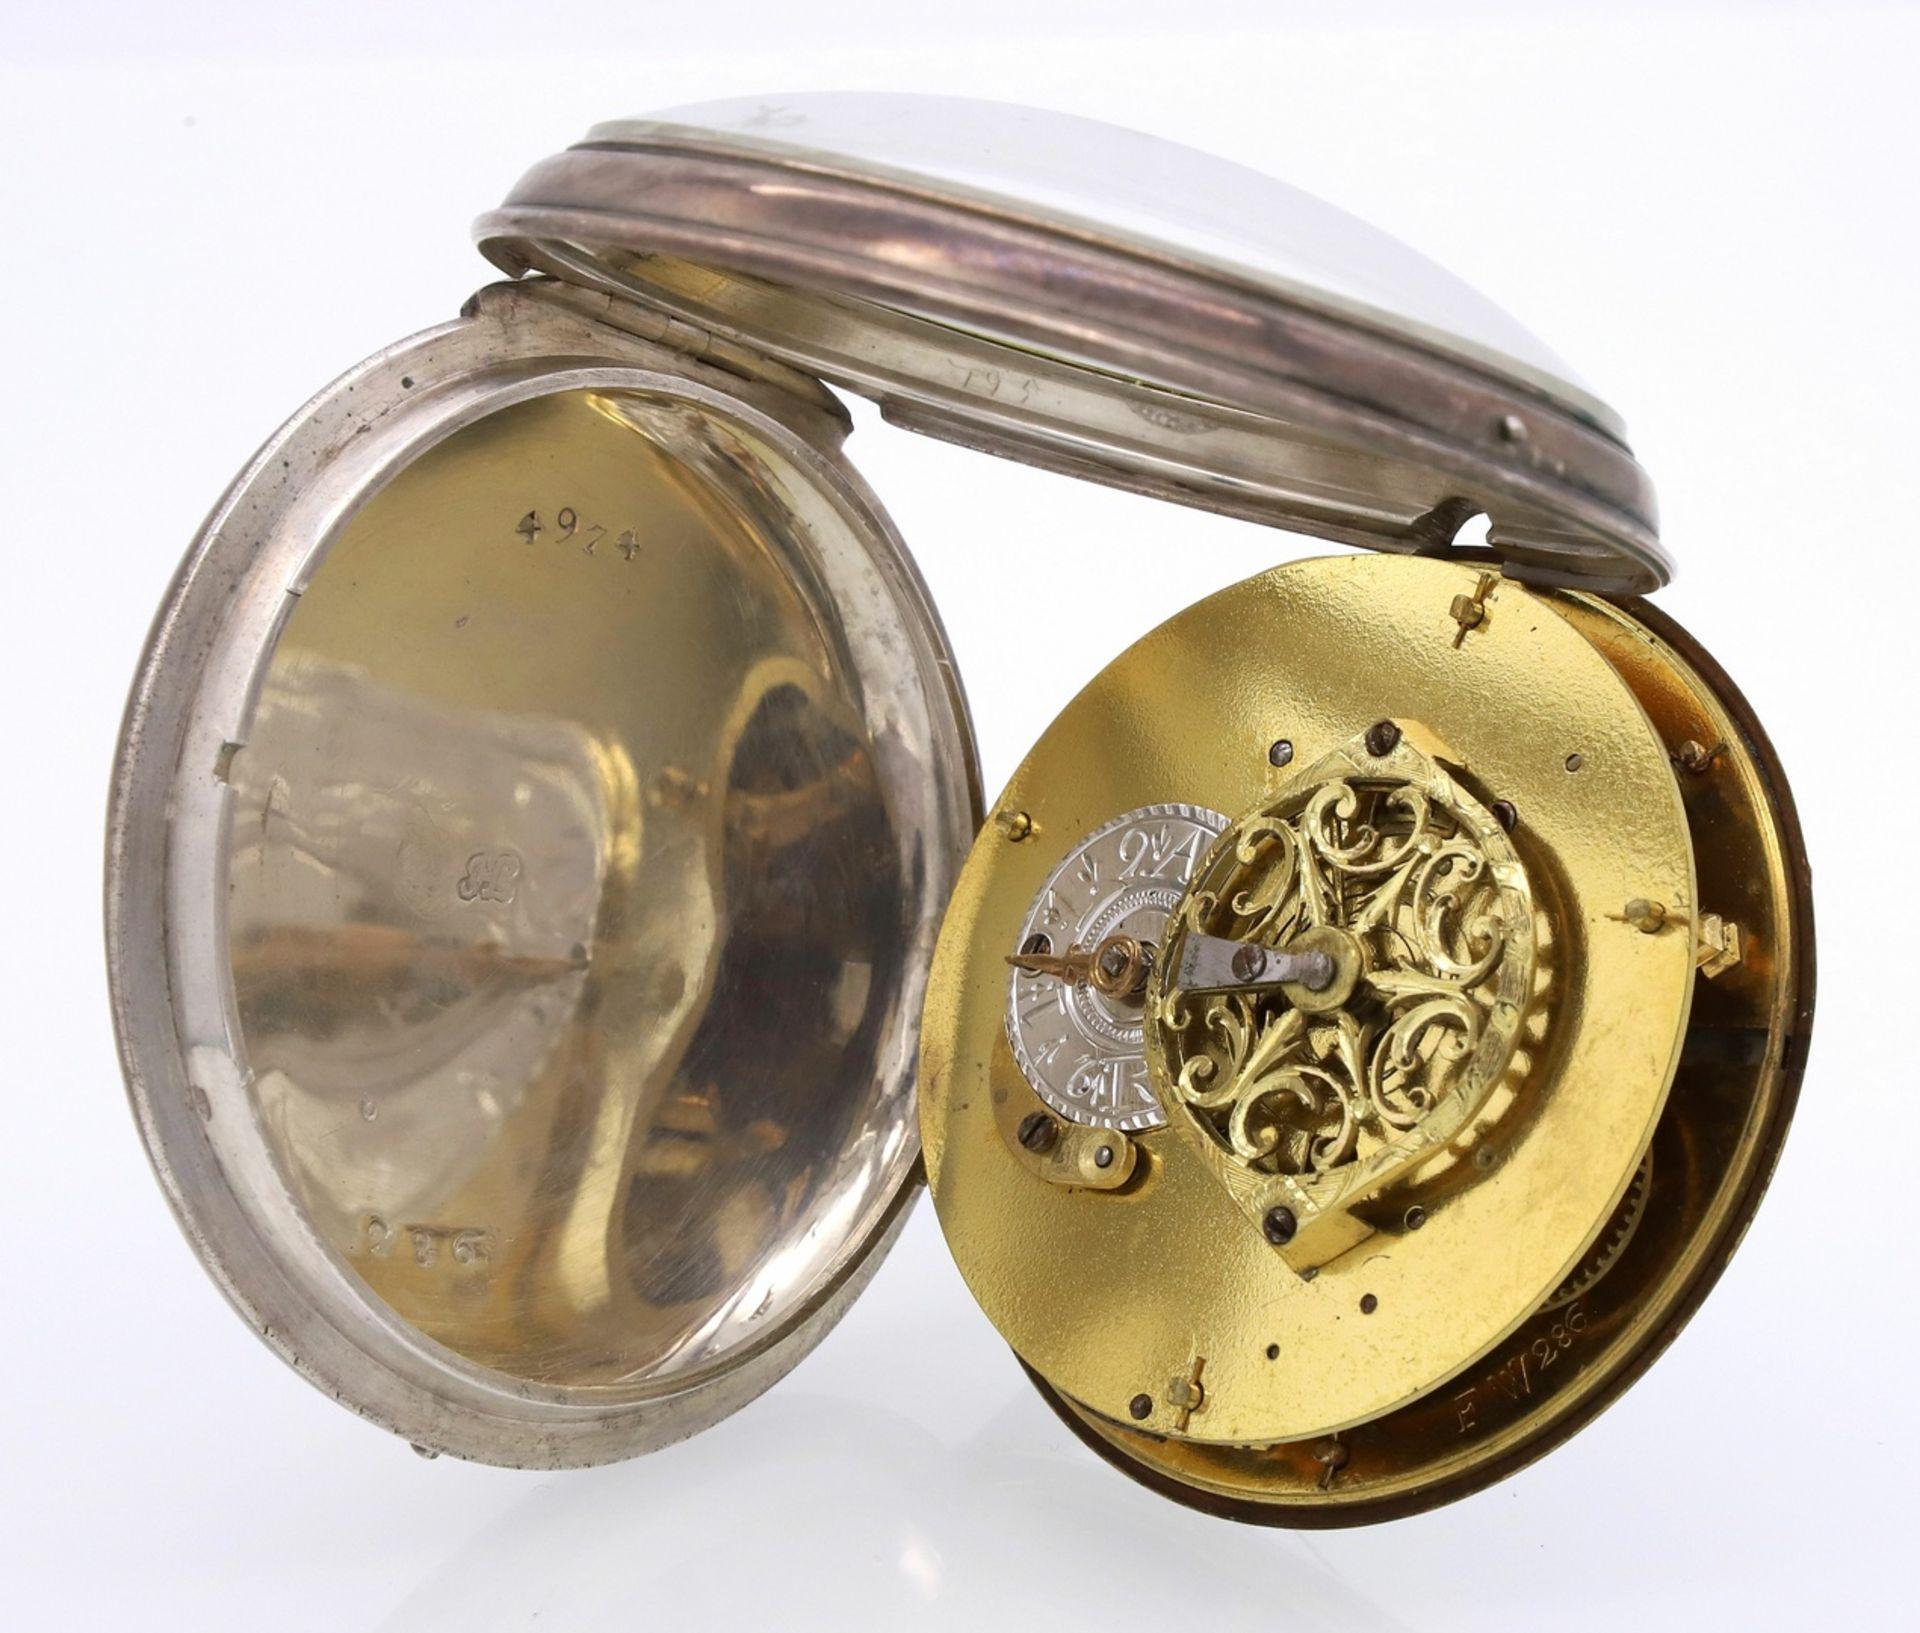 Vuilleumier Fres silberne Spindeltaschenuhr mit Datumsanzeige, um 1830 - Bild 4 aus 5